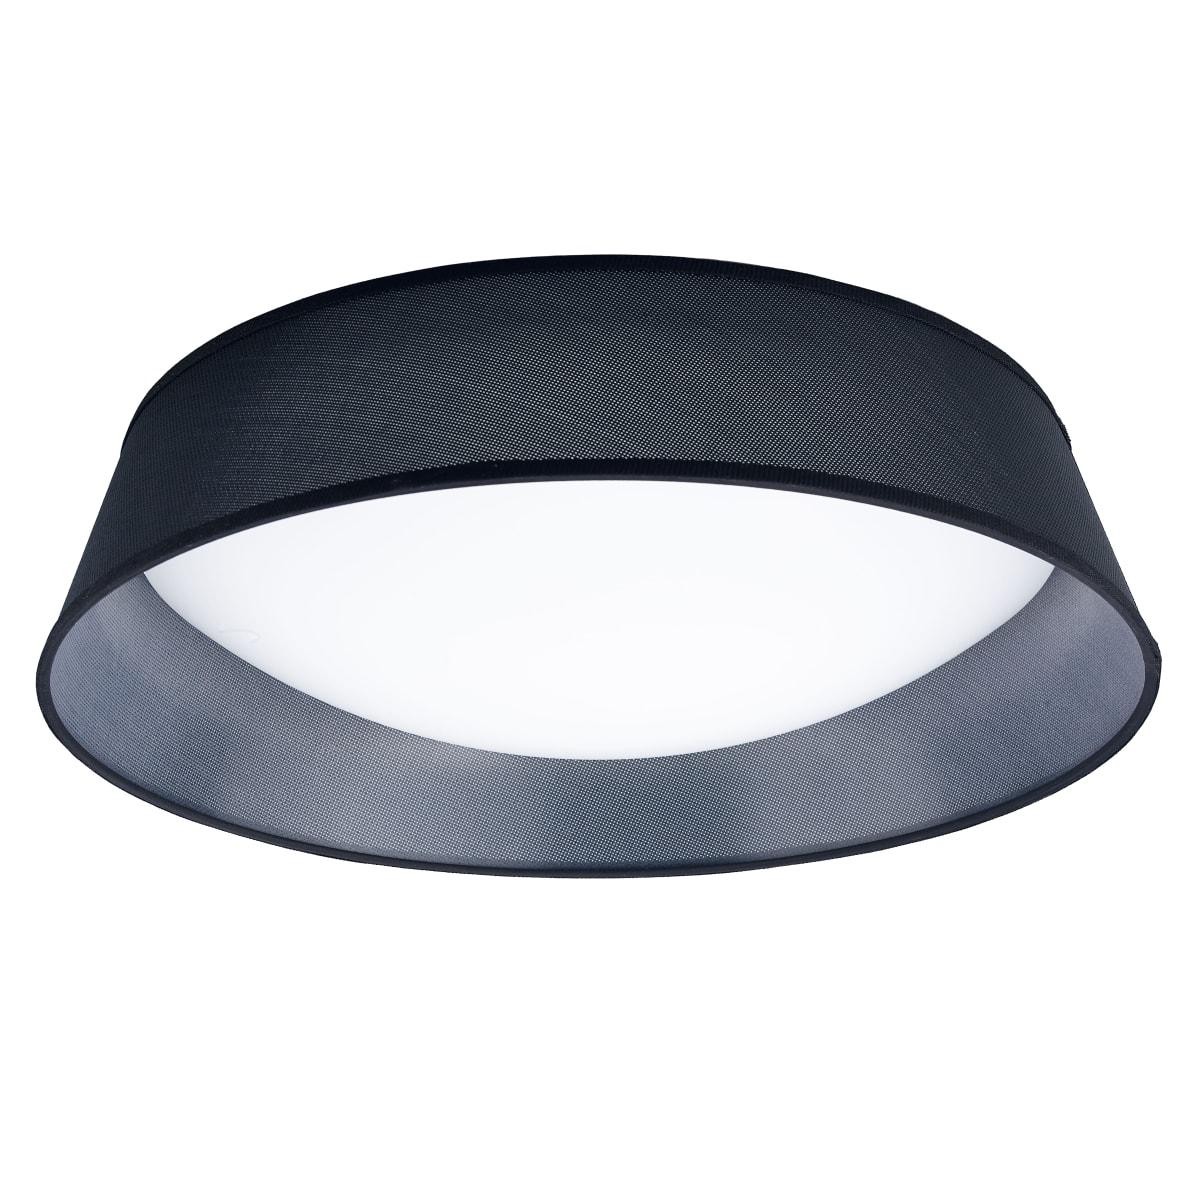 Светильник настенно-потолочный Mantra Nordica 4966E 5 ламп цвет черный